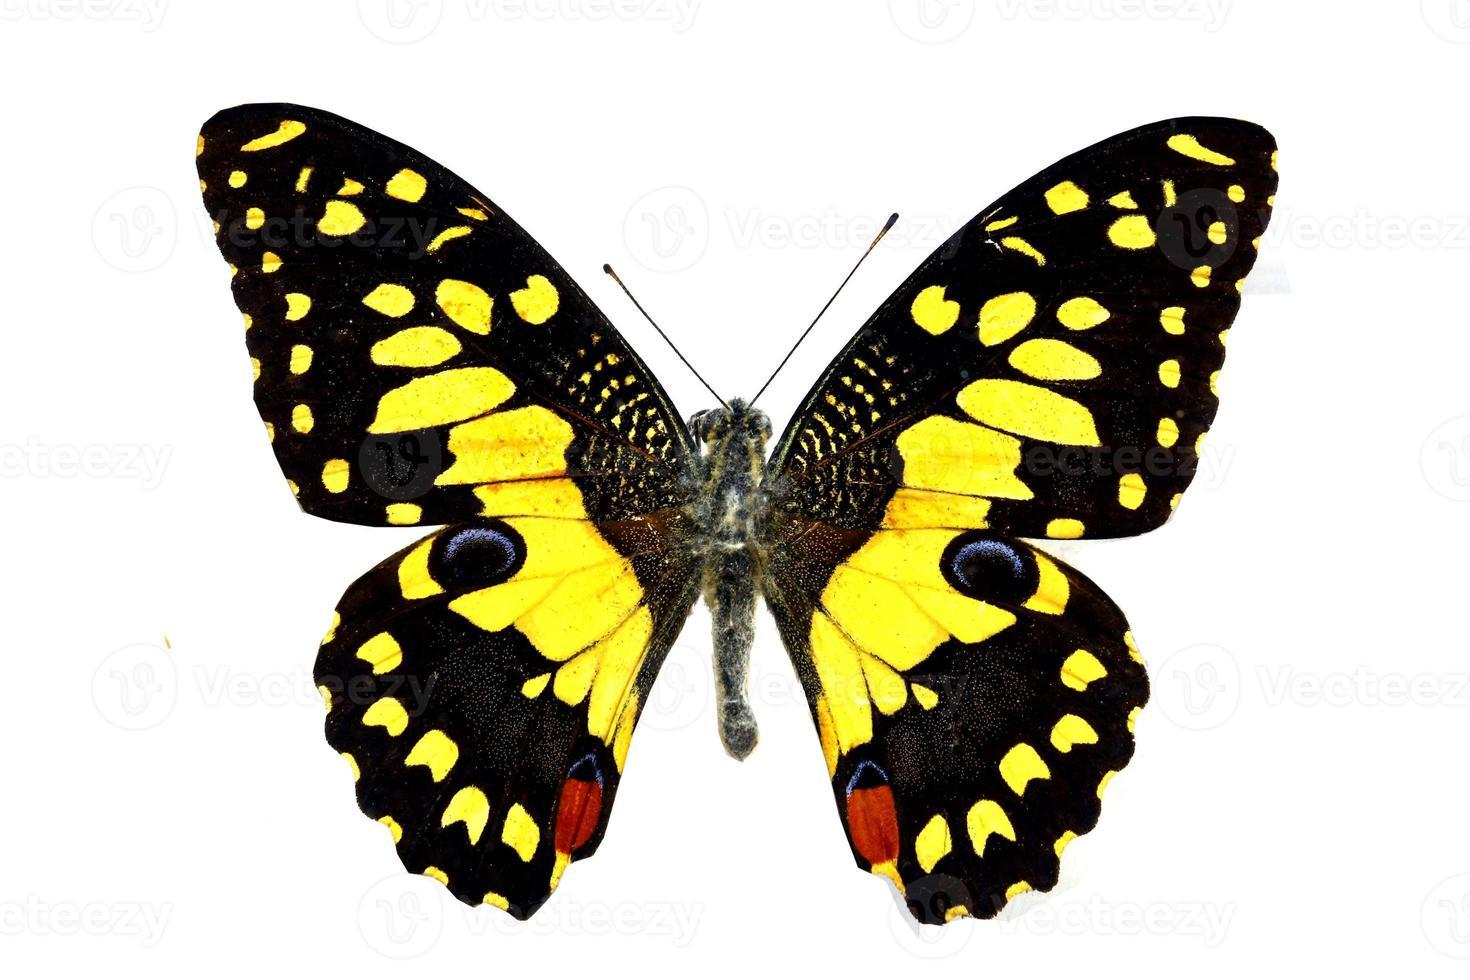 kleurrijke vlinder die op wit wordt geïsoleerd foto